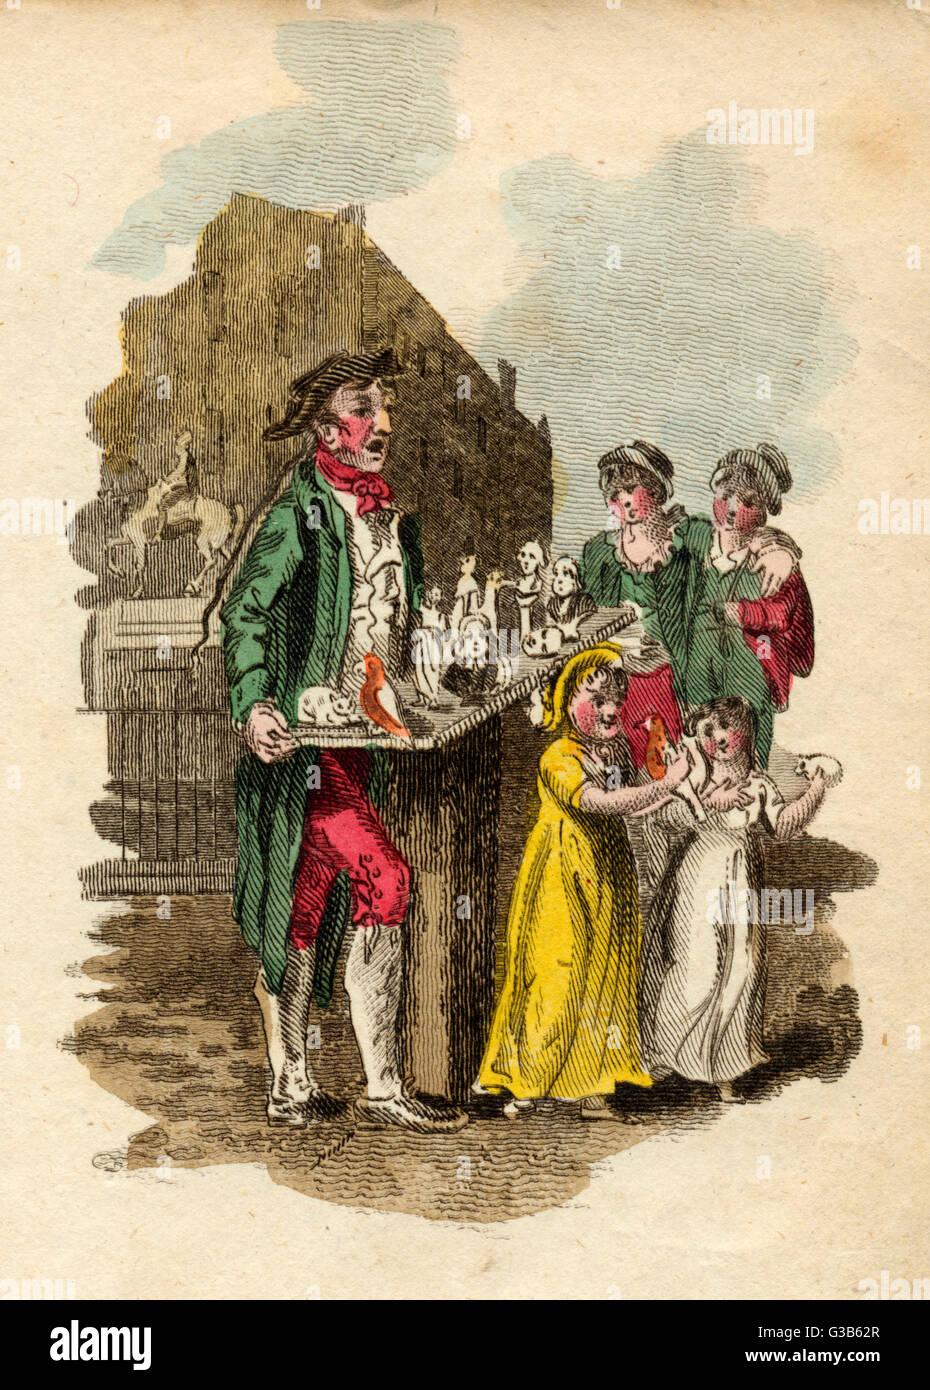 Un commerciante di strada del 'fine immagini' data: 1804 Immagini Stock